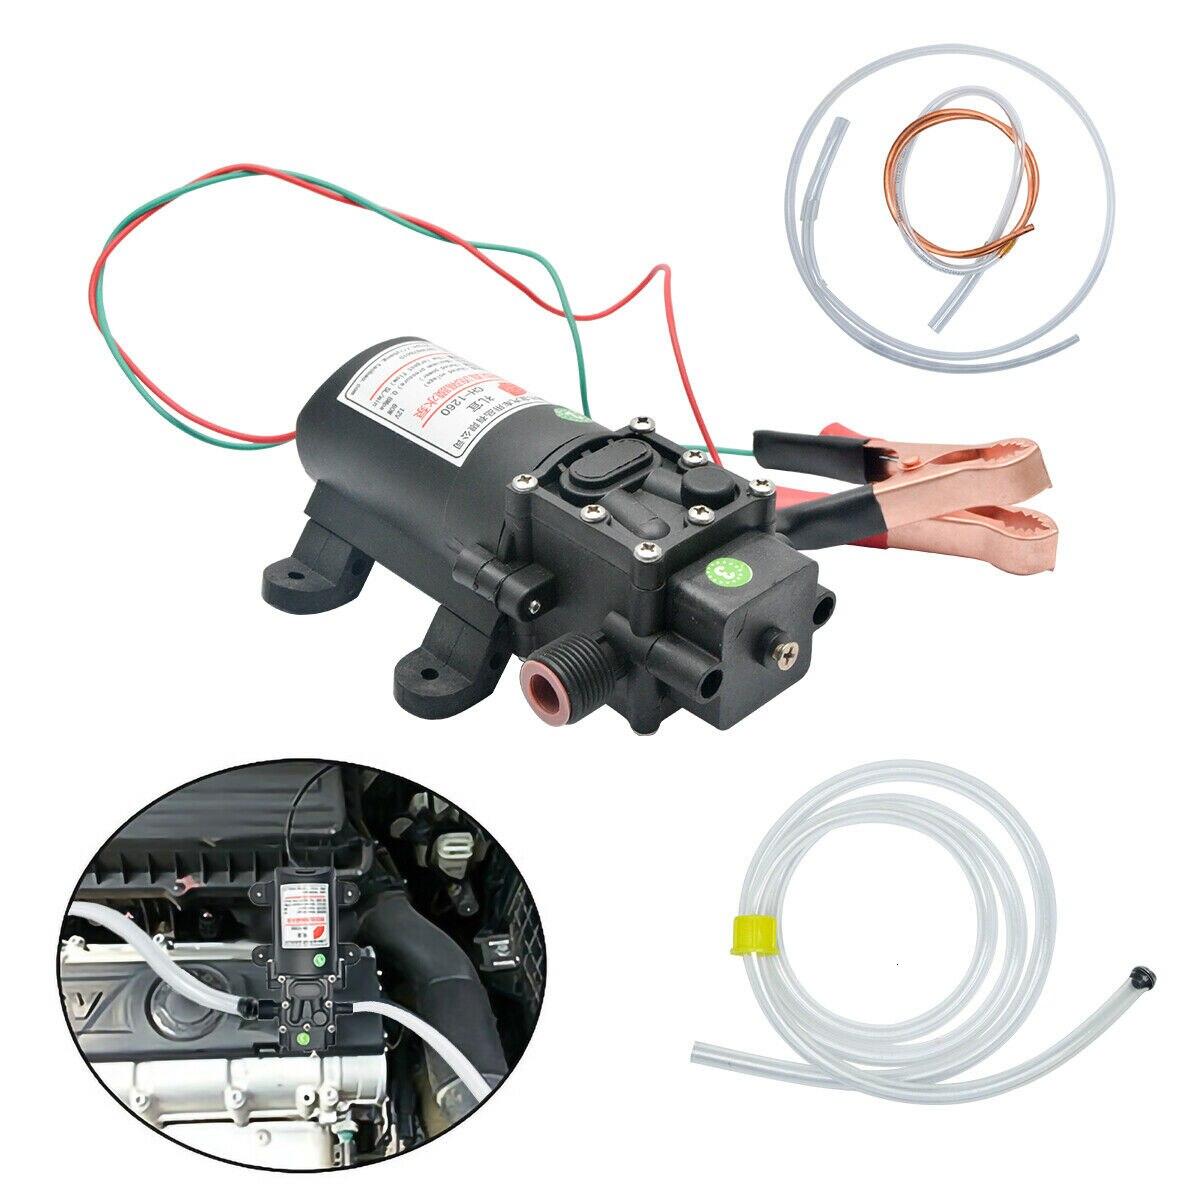 12v 오일 유체 액체 추출기 4.0l 보트 자동차 자동 펌프 오일 변경 펌프 키트 60 w